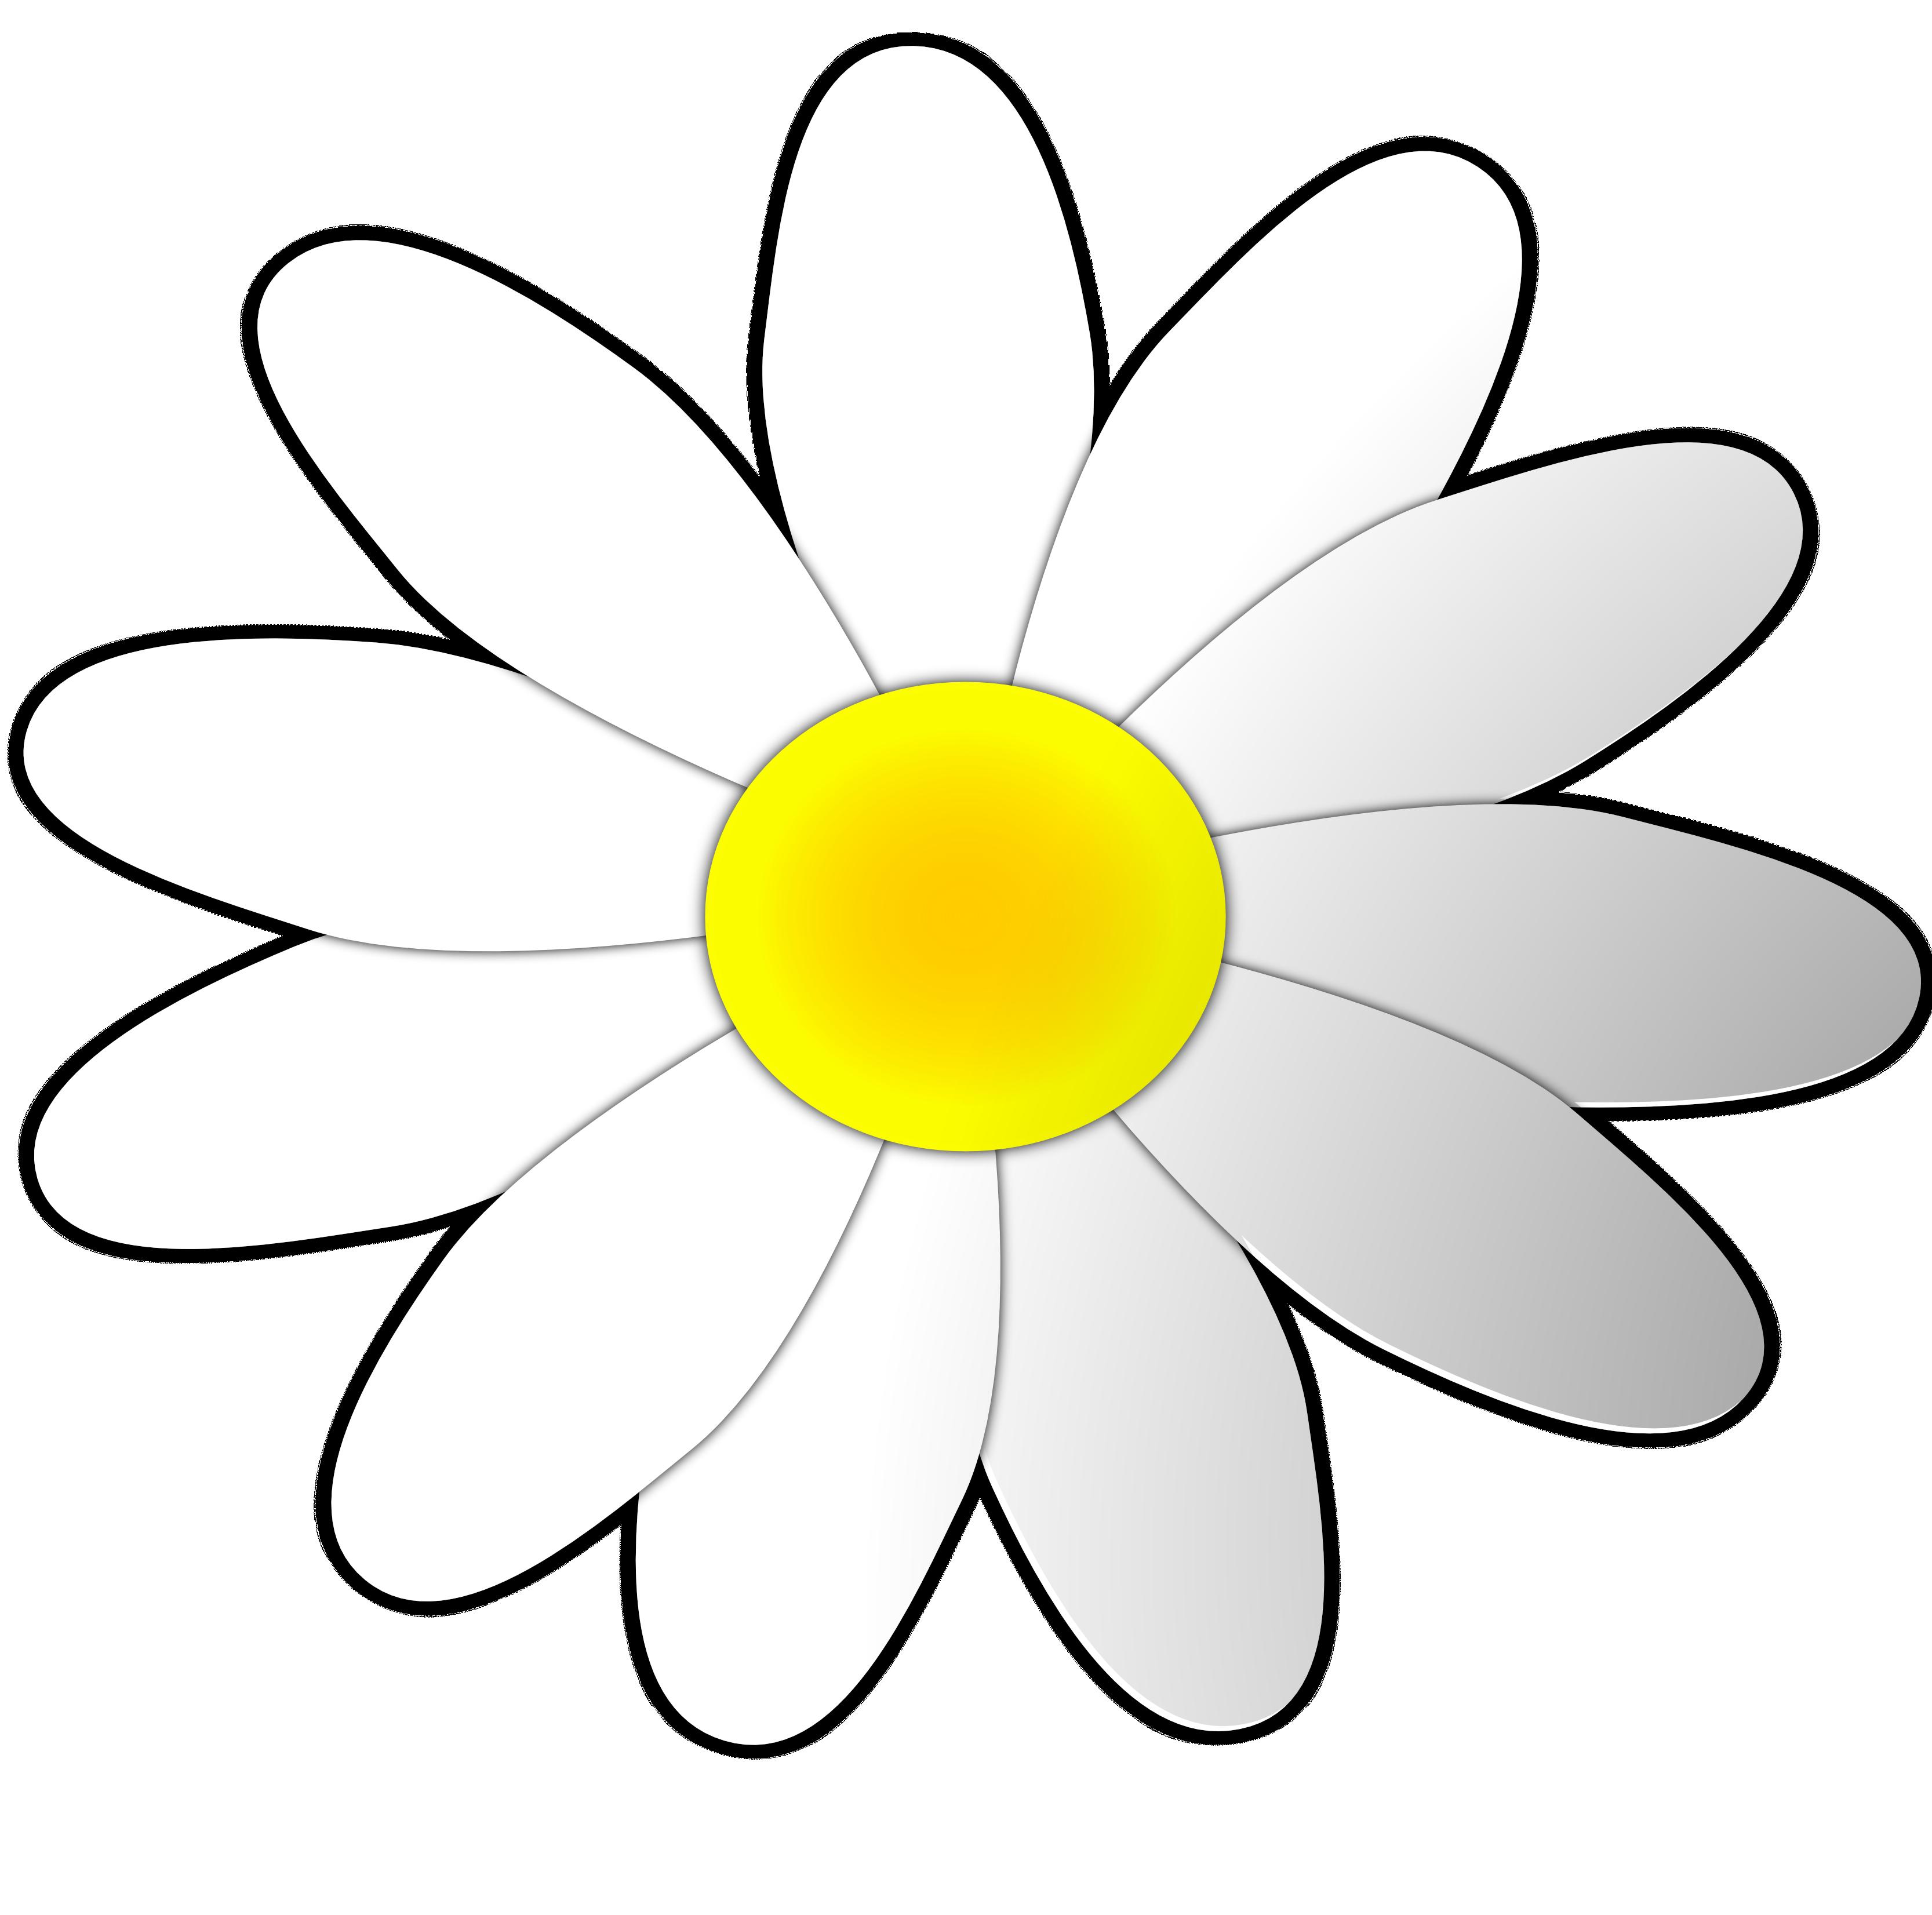 Daisy Flower Clip Art Clipart .-Daisy flower clip art clipart .-7